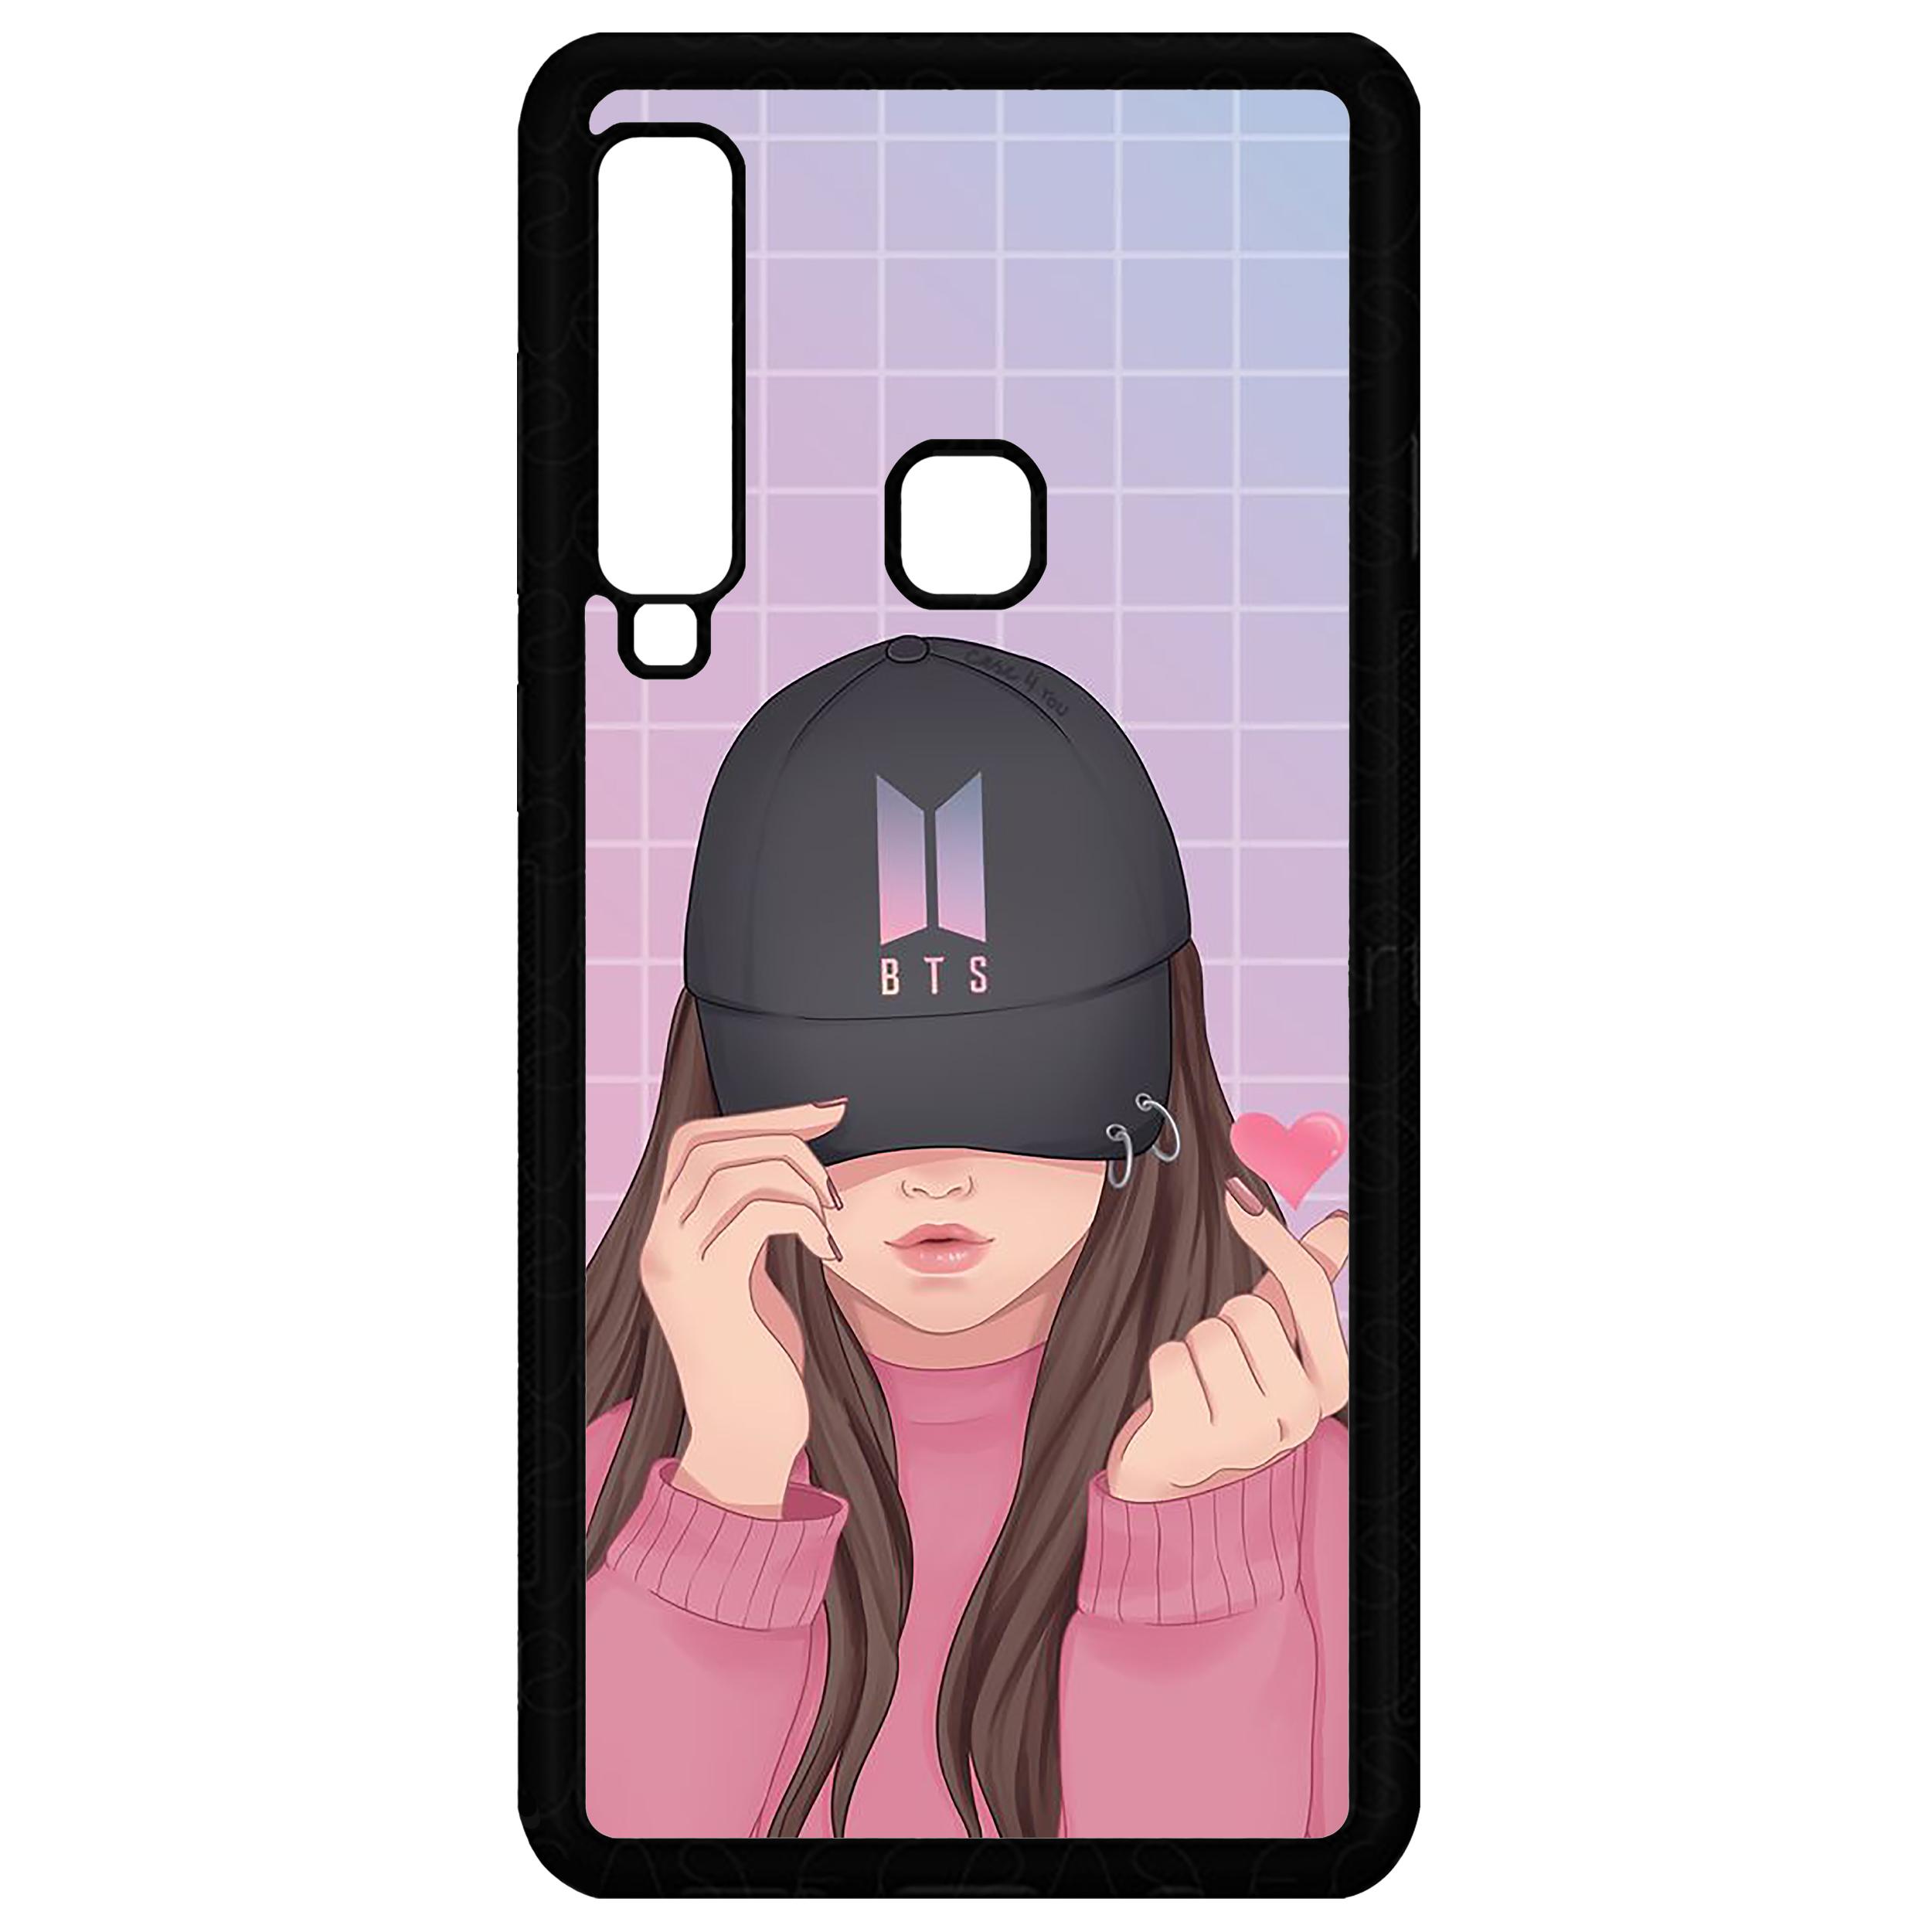 کاور طرح BTS مدل CHL50002 مناسب برای گوشی موبایل سامسونگ Galaxy A9 2018